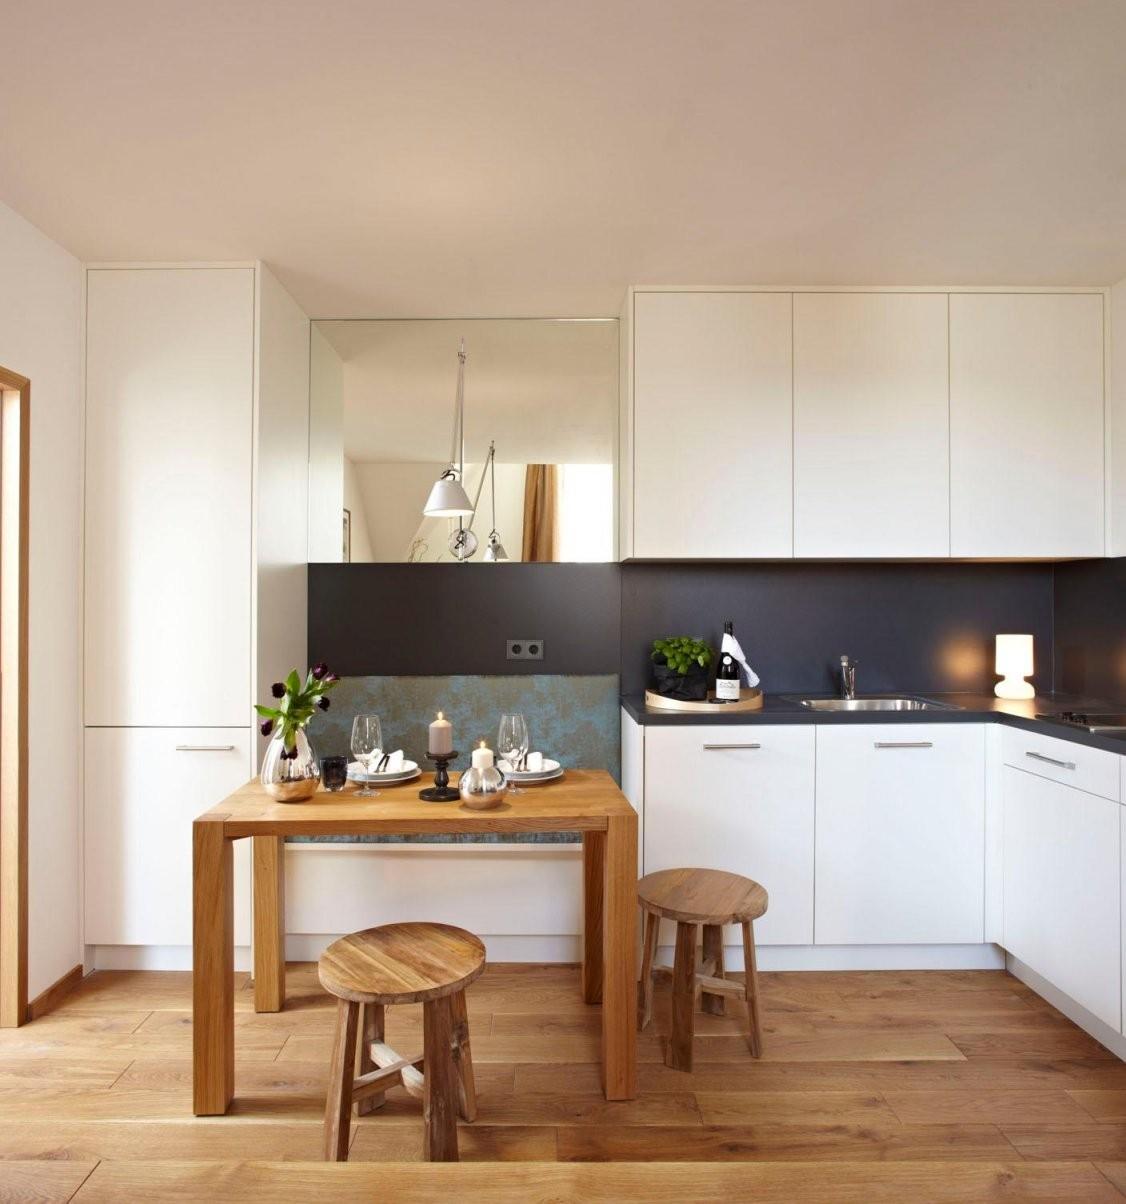 Massgefertigte Küche Mit Integrierter Sitzbank Spie von Küche Mit Integriertem Tisch Photo